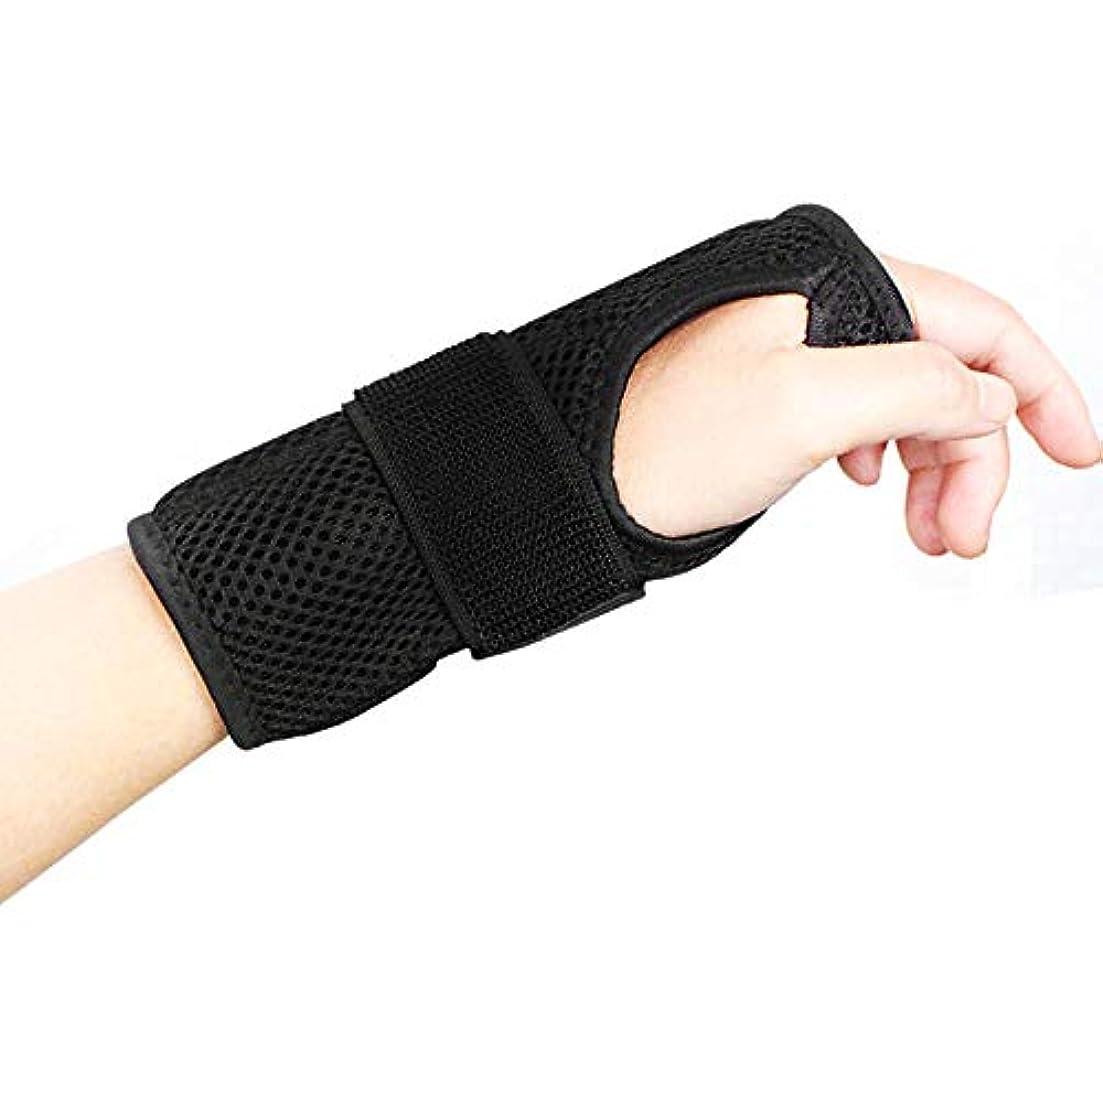 仲介者酸度ブラザー手首サポートブレーススプリントは、怪我、スポーツ、ジム、繰り返しの緊張などのために医学的に承認された調整可能な弾性ブレースです デザイン,Righthand,M